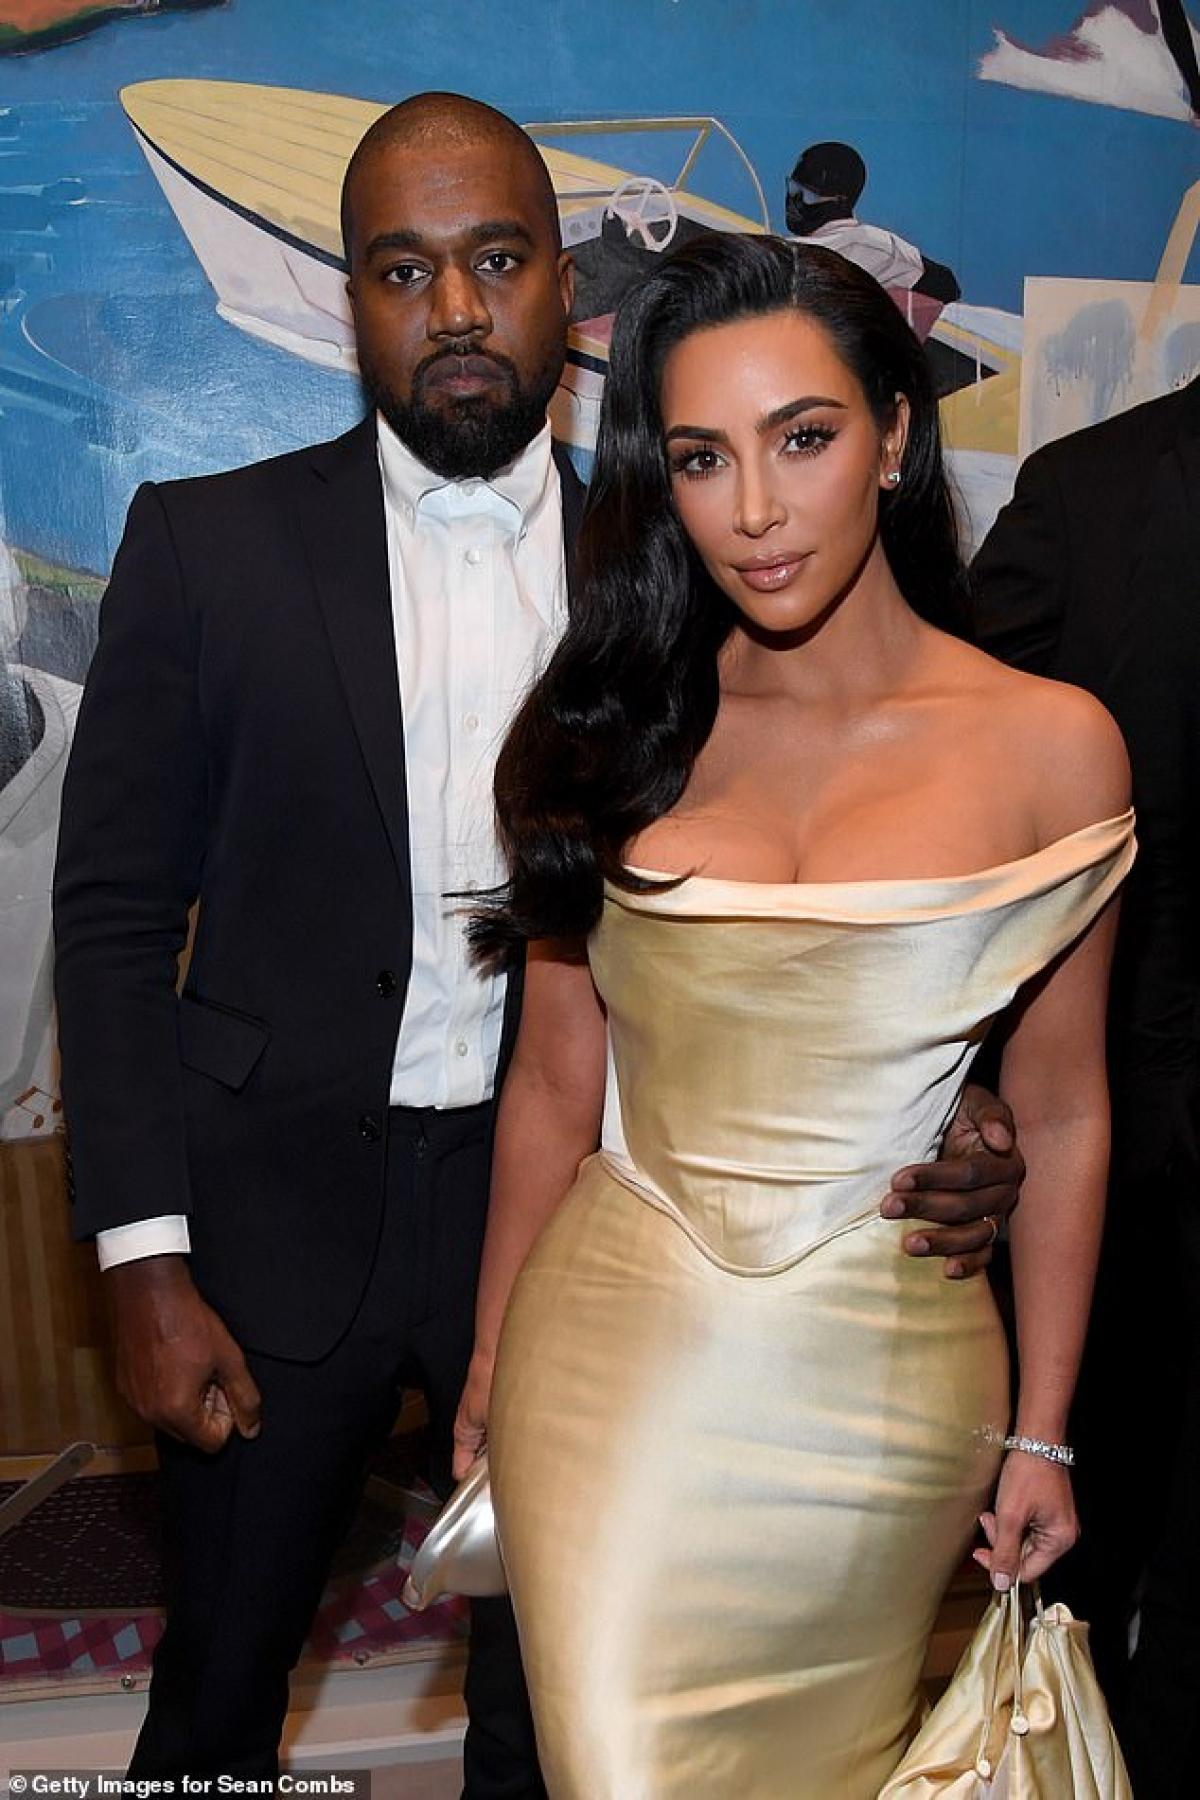 """""""Kim đã thuê luật sư Laura Wasser, luật sư ly hôn từng đại diện cho Angelina Jolie, Heidi Klum và cả chính Kim trong cuộc ly hôn năm 2011. Họ đang đàm phán dàn xếp"""". Tờ này cũng cho biết Kim và Kanye đã sống ly thân trong năm qua. Hiện nam rapper đã ở trang trại trị giá 14 triệu USD tại Wyoming."""